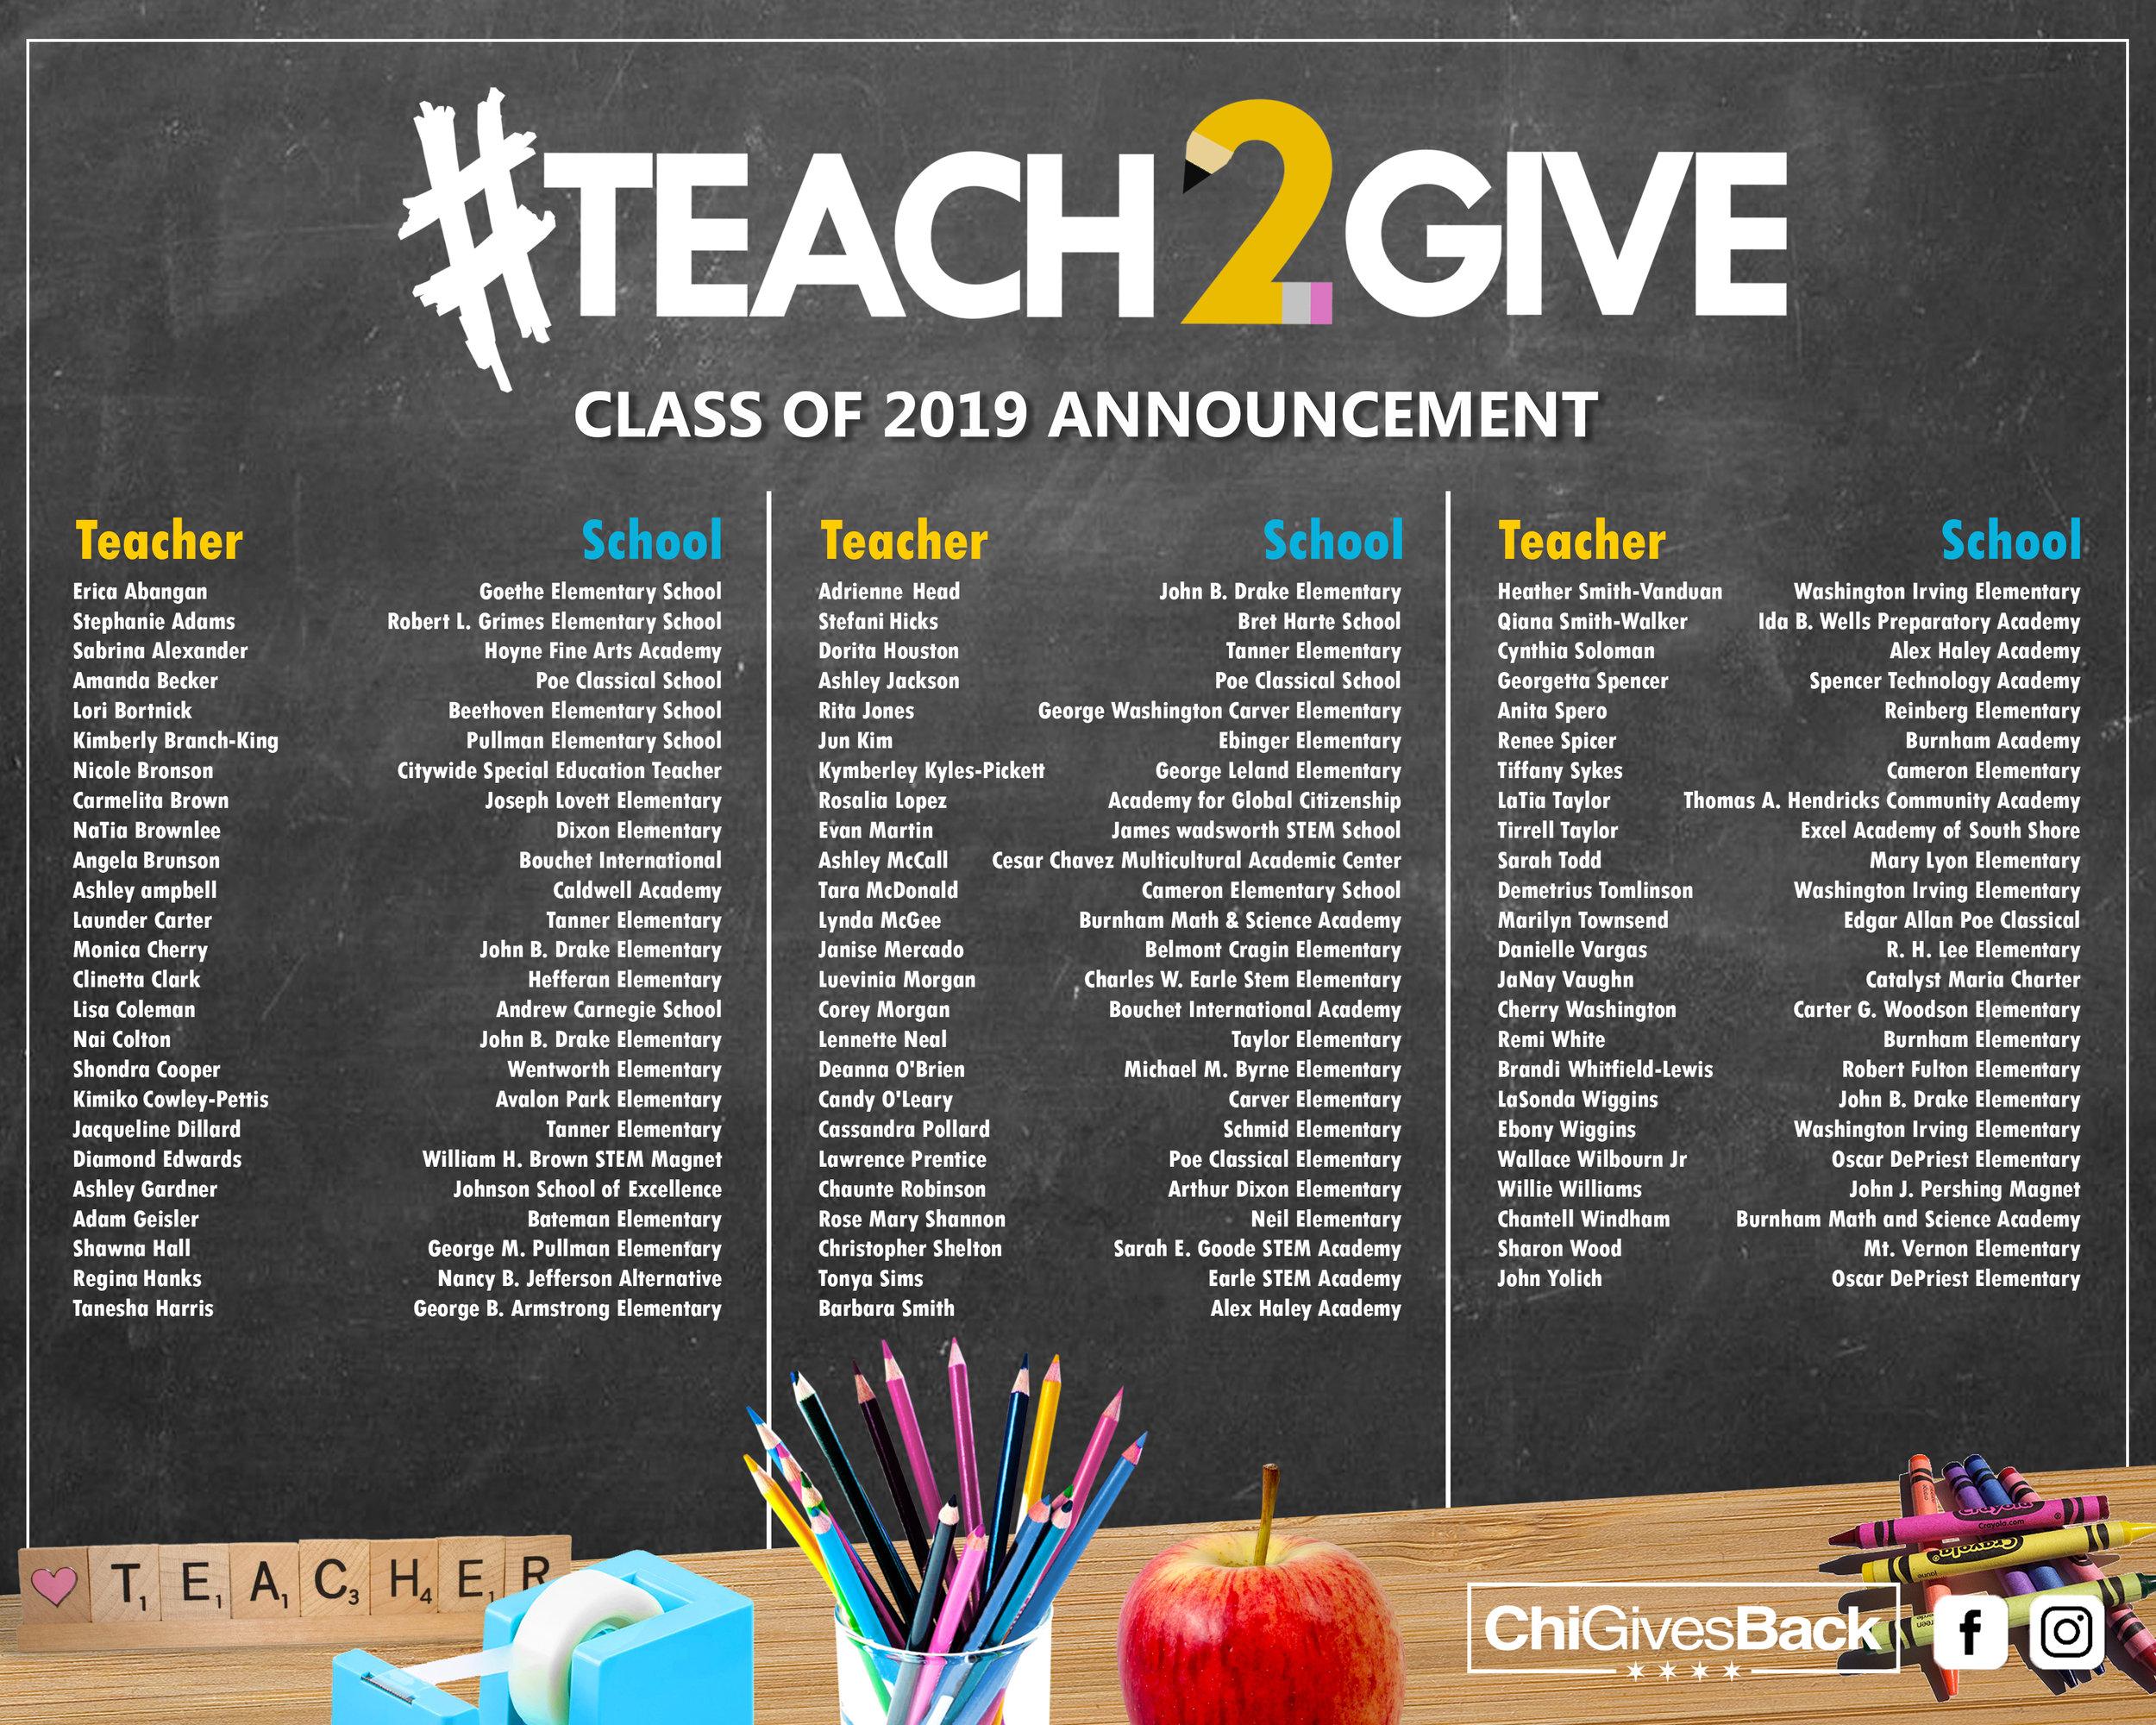 ChiGivesBack_Selectedteachers2019.jpg